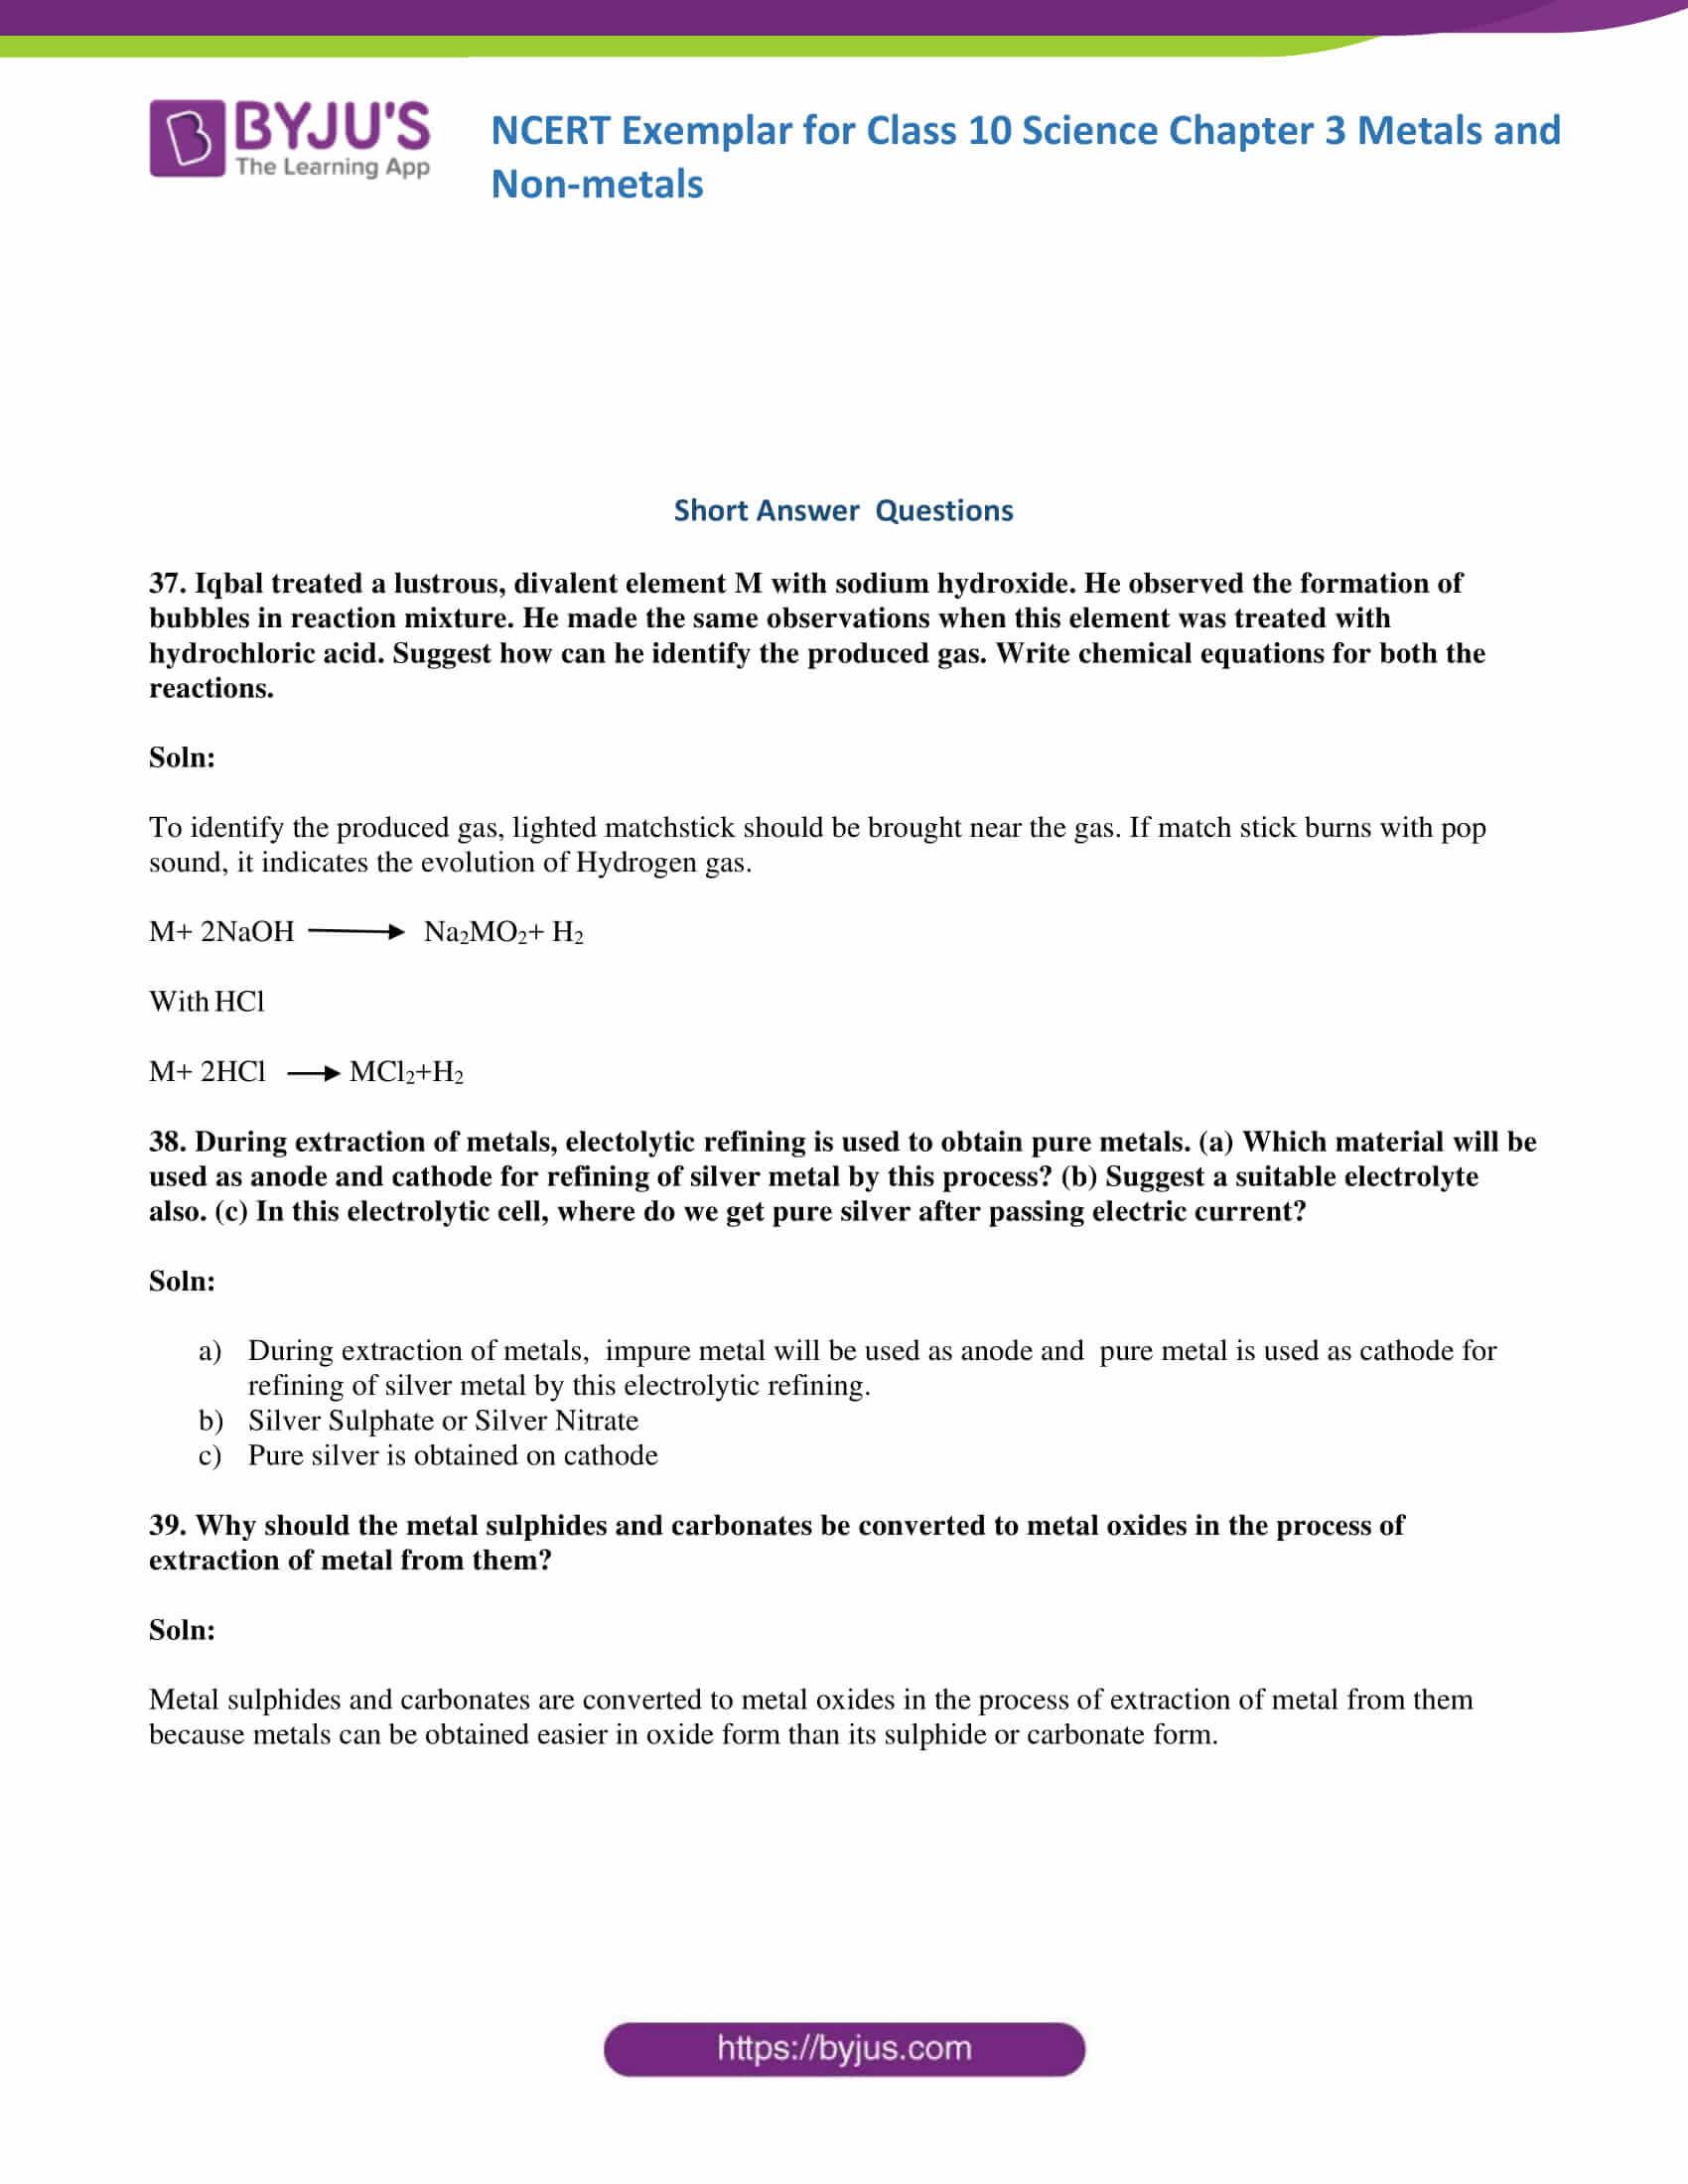 NCERT Exemplar solution class 10 Science Chapter 3 part 13